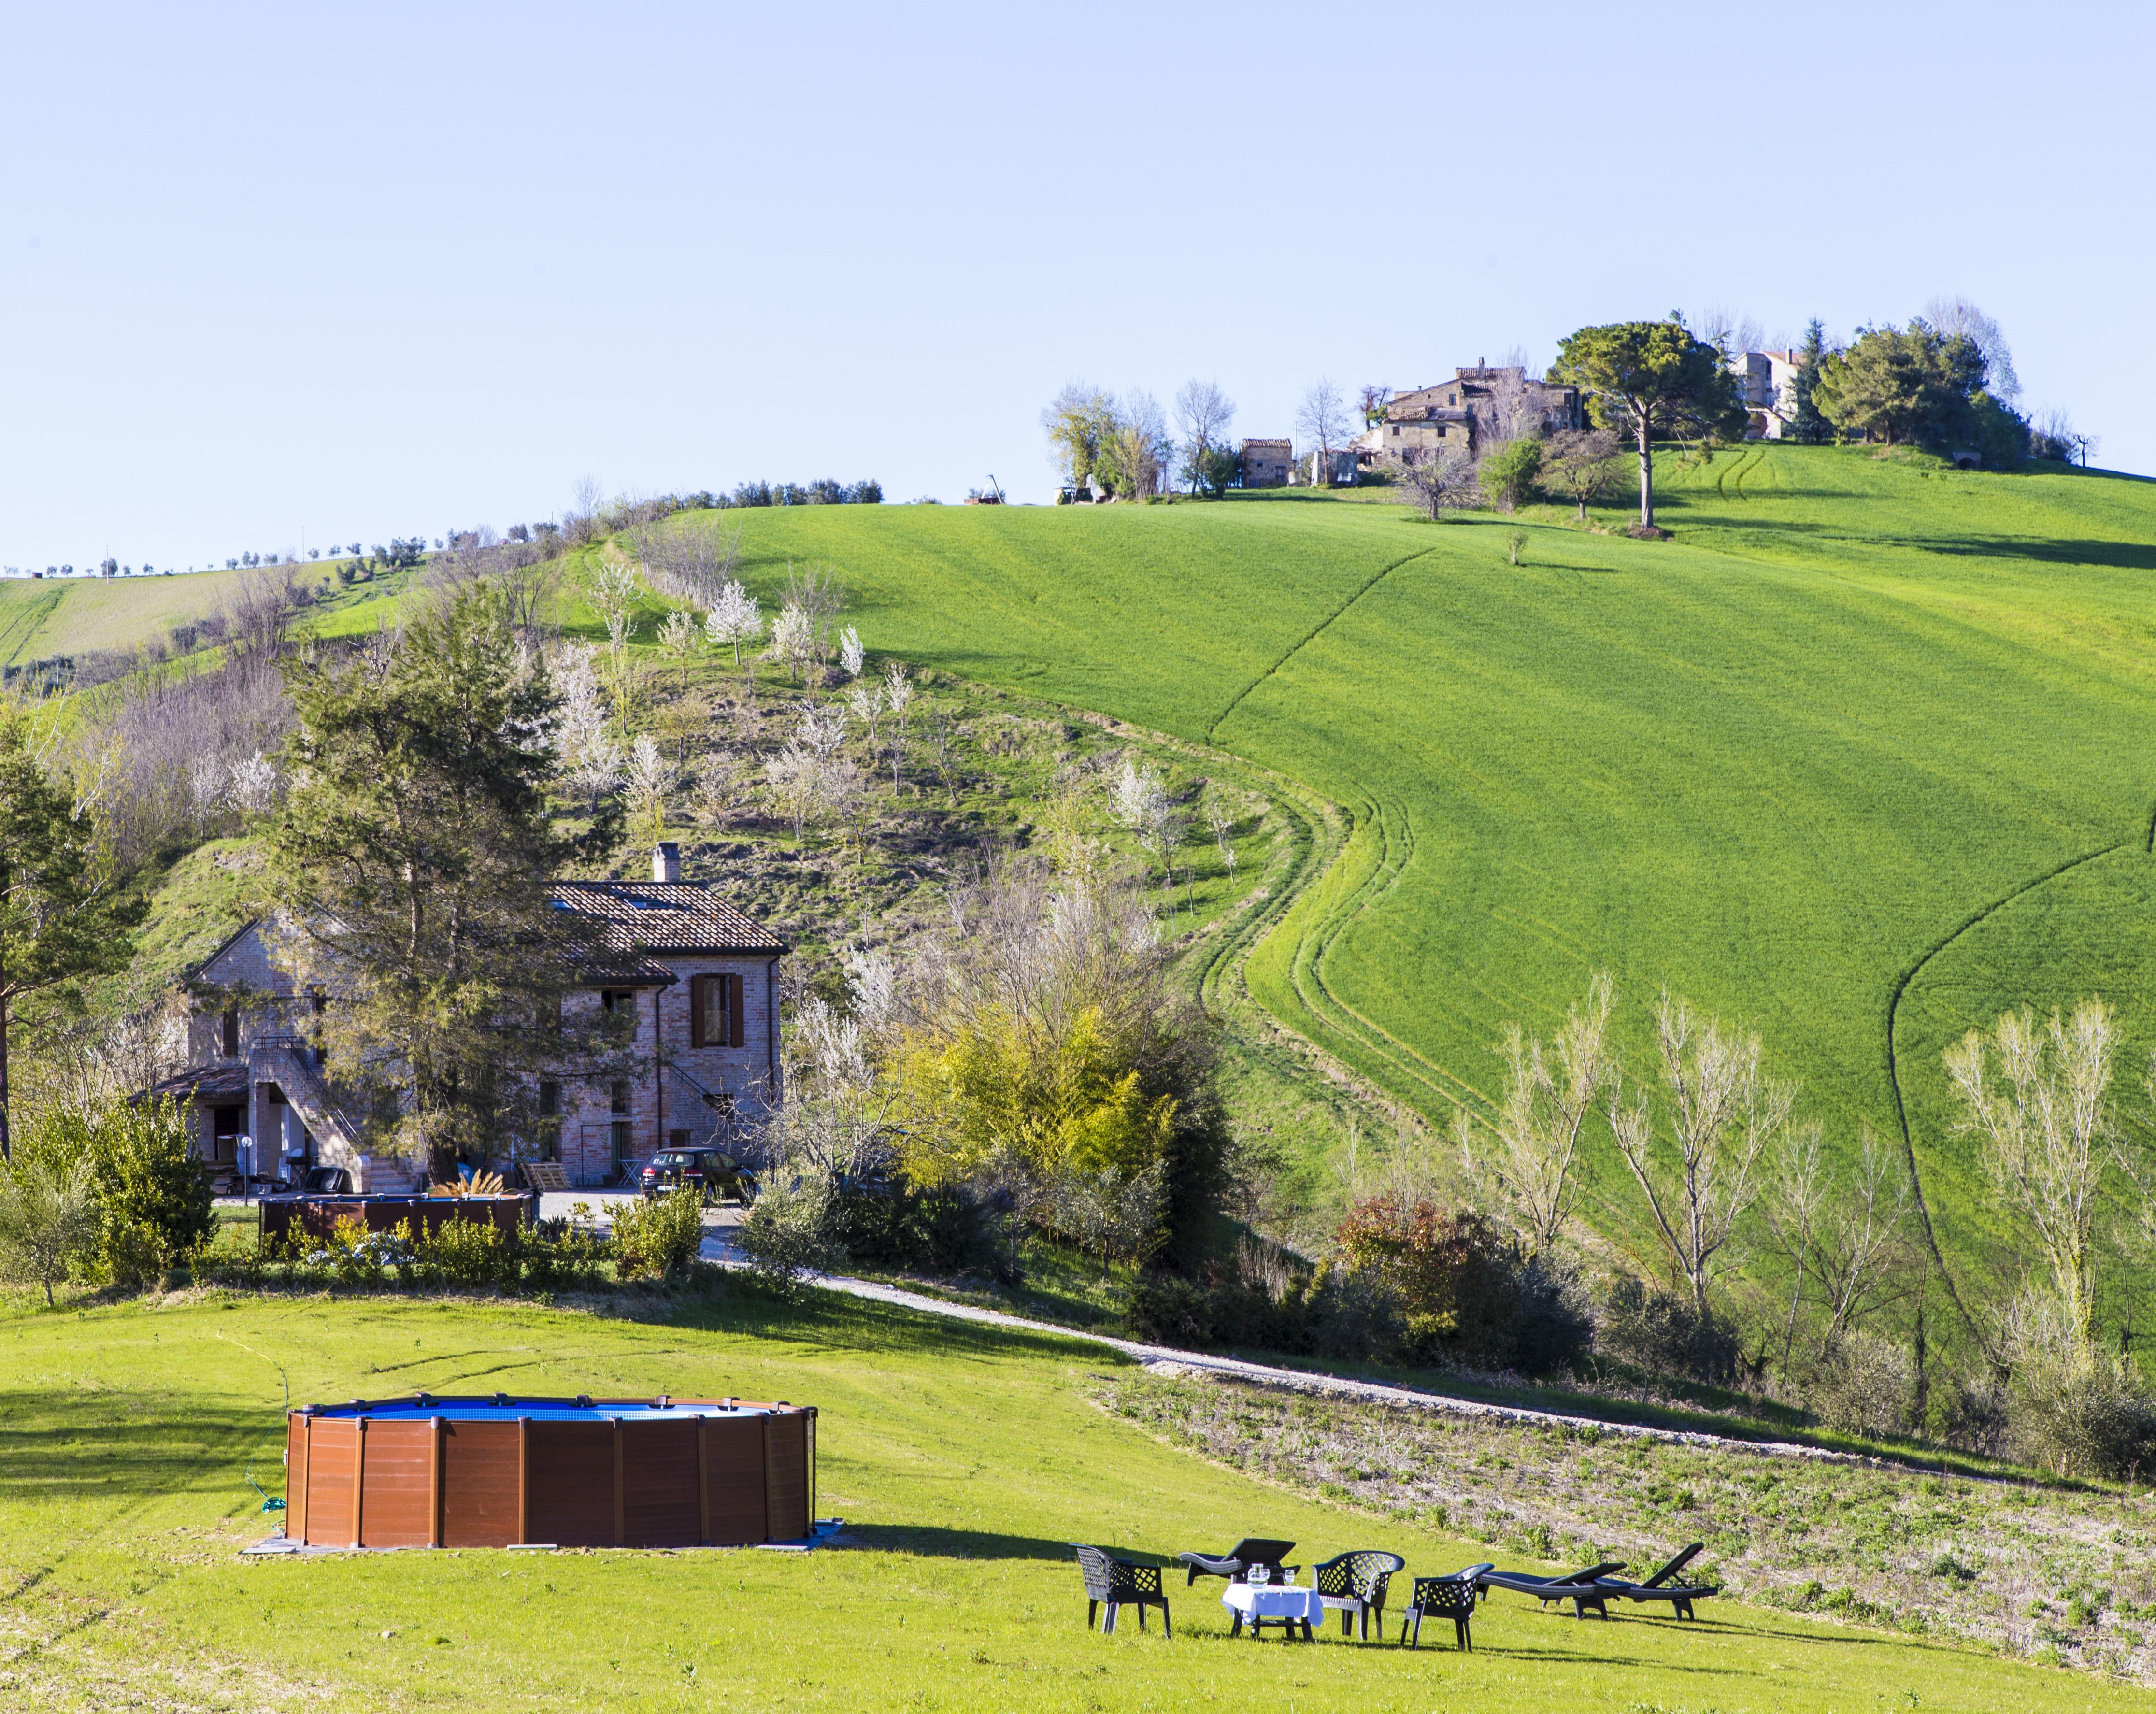 Ferienwohnung Il Casale di Giovanna - Rosemary (2123980), San Venanzo, Ascoli Piceno, Marken, Italien, Bild 1